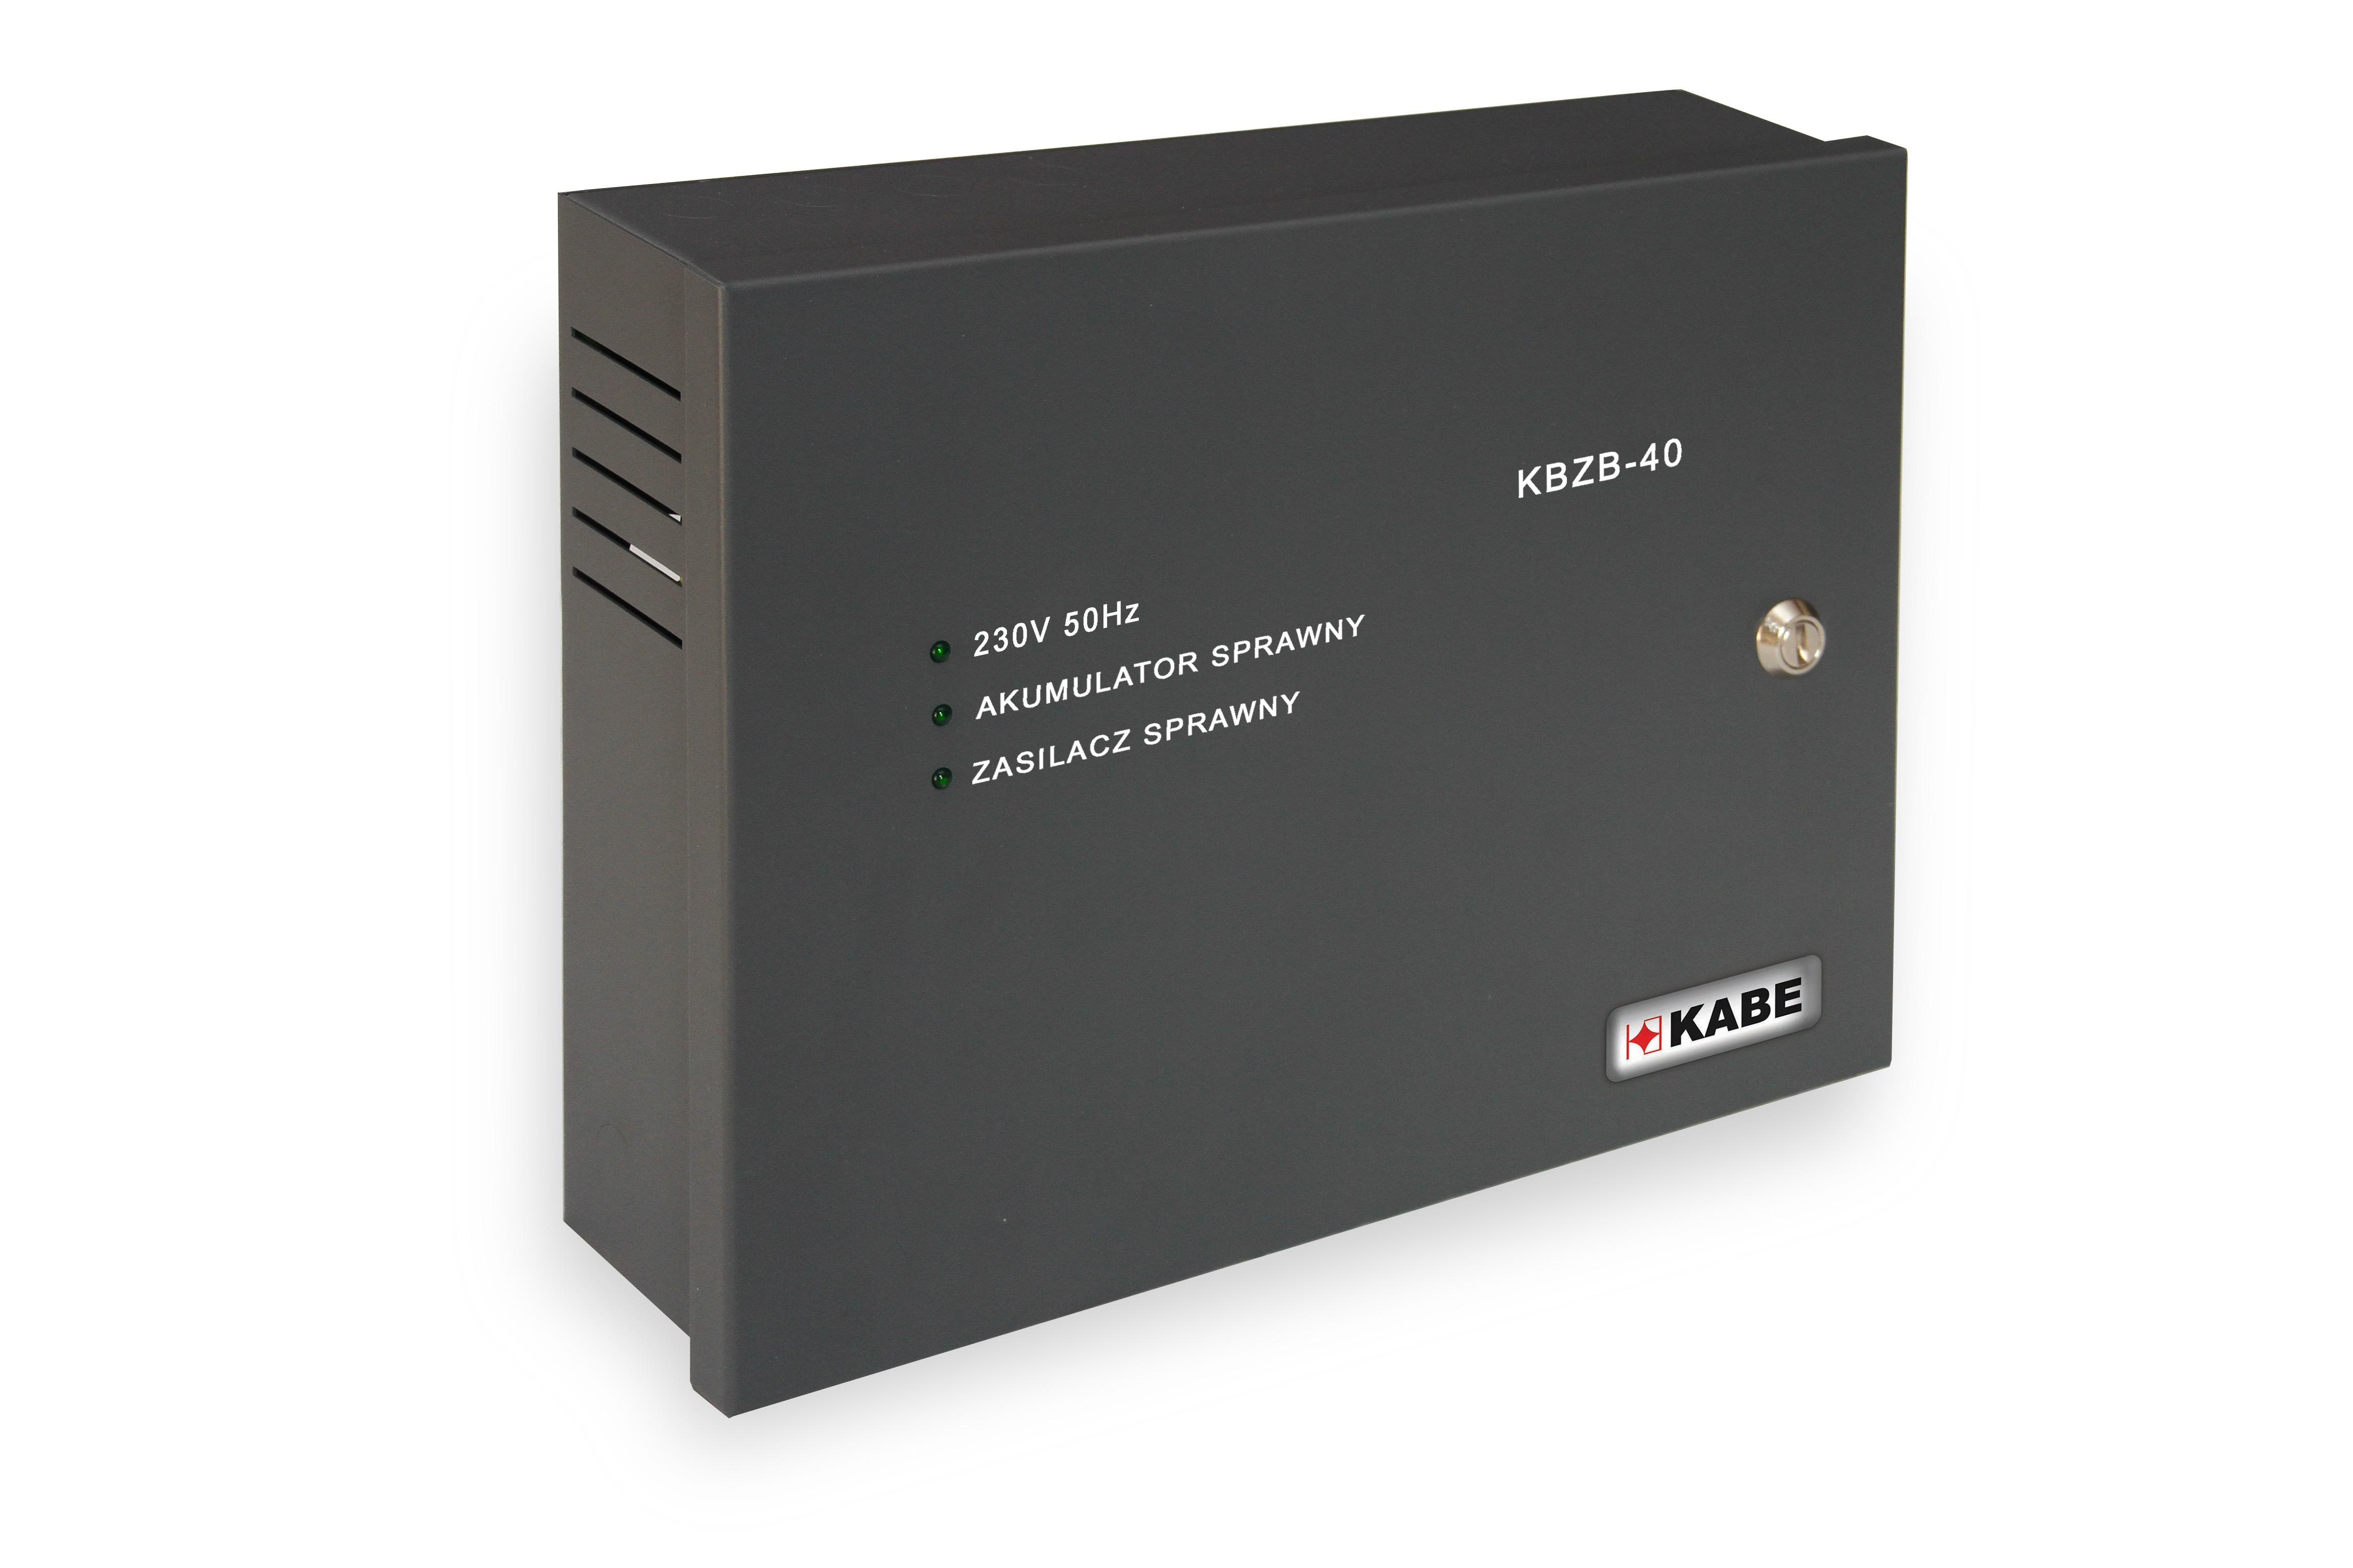 Zasilacz buforowy KBZB-40 2,7A/26Ah